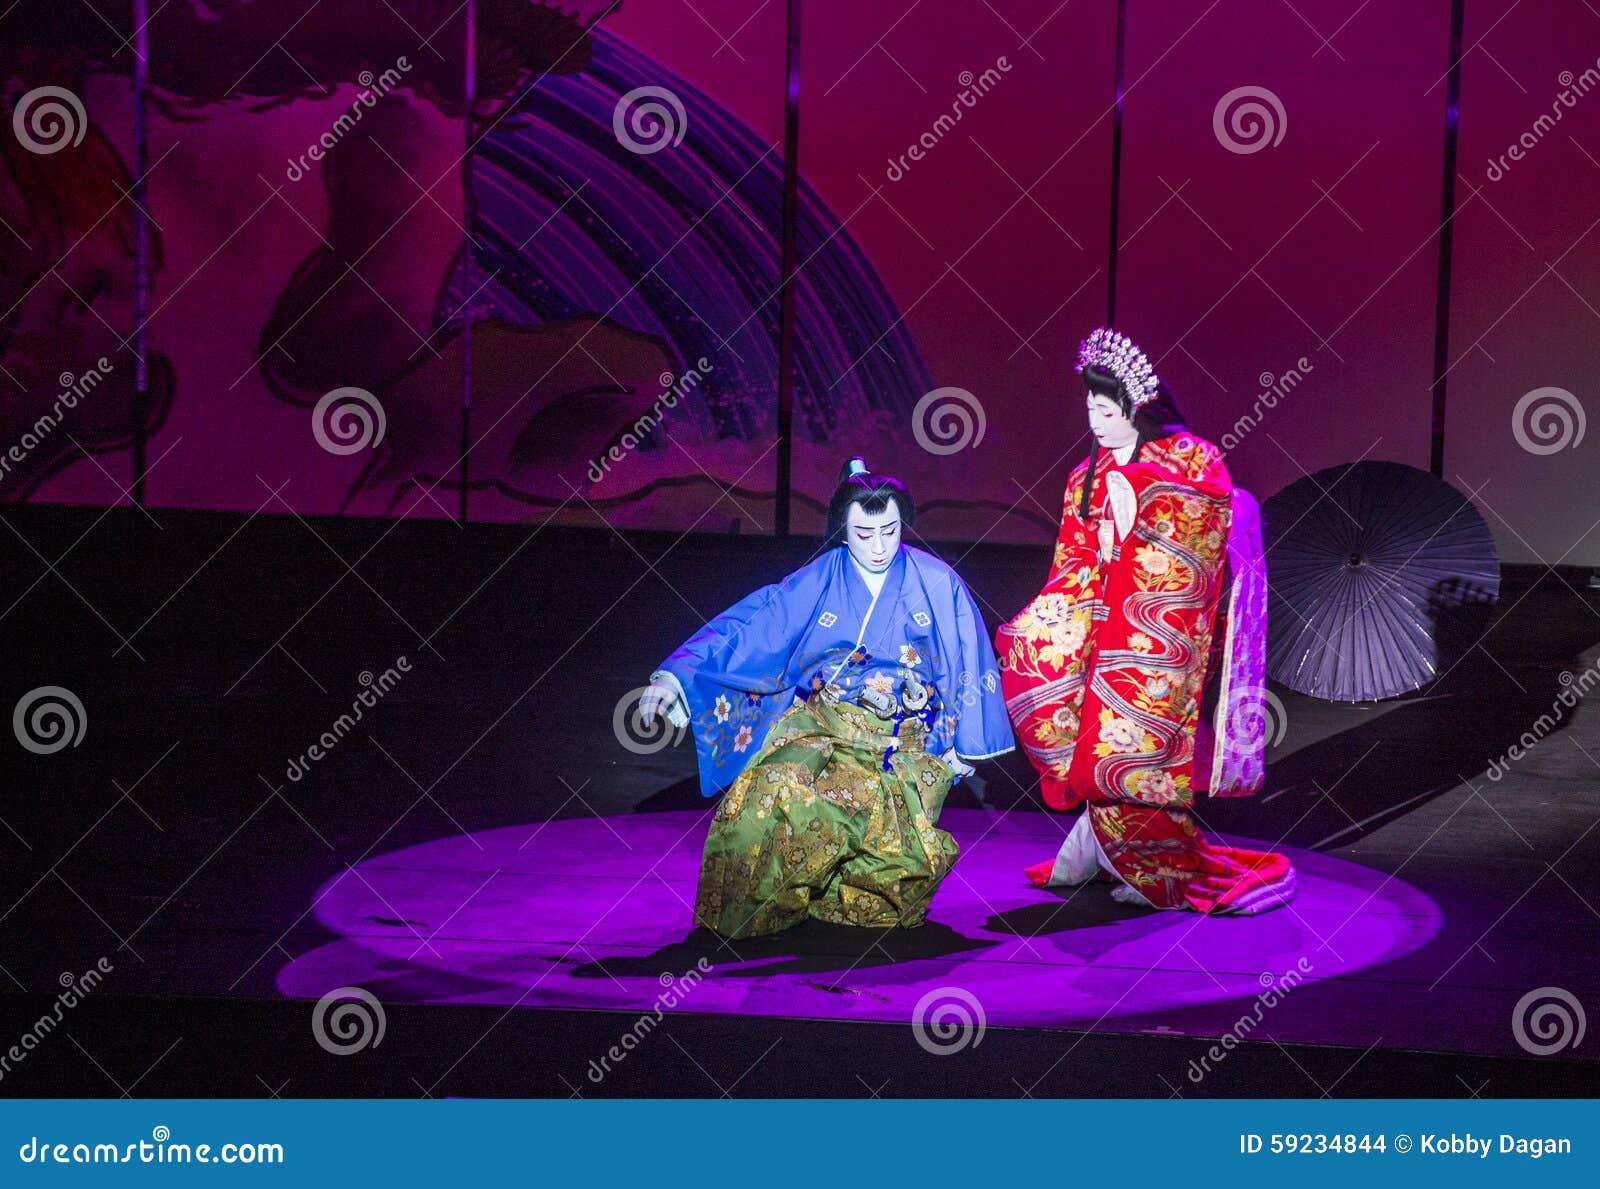 Download Espectáculo De Kabuki En Las Fuentes De Bellagio Imagen de archivo editorial - Imagen de tradición, bailarín: 59234844